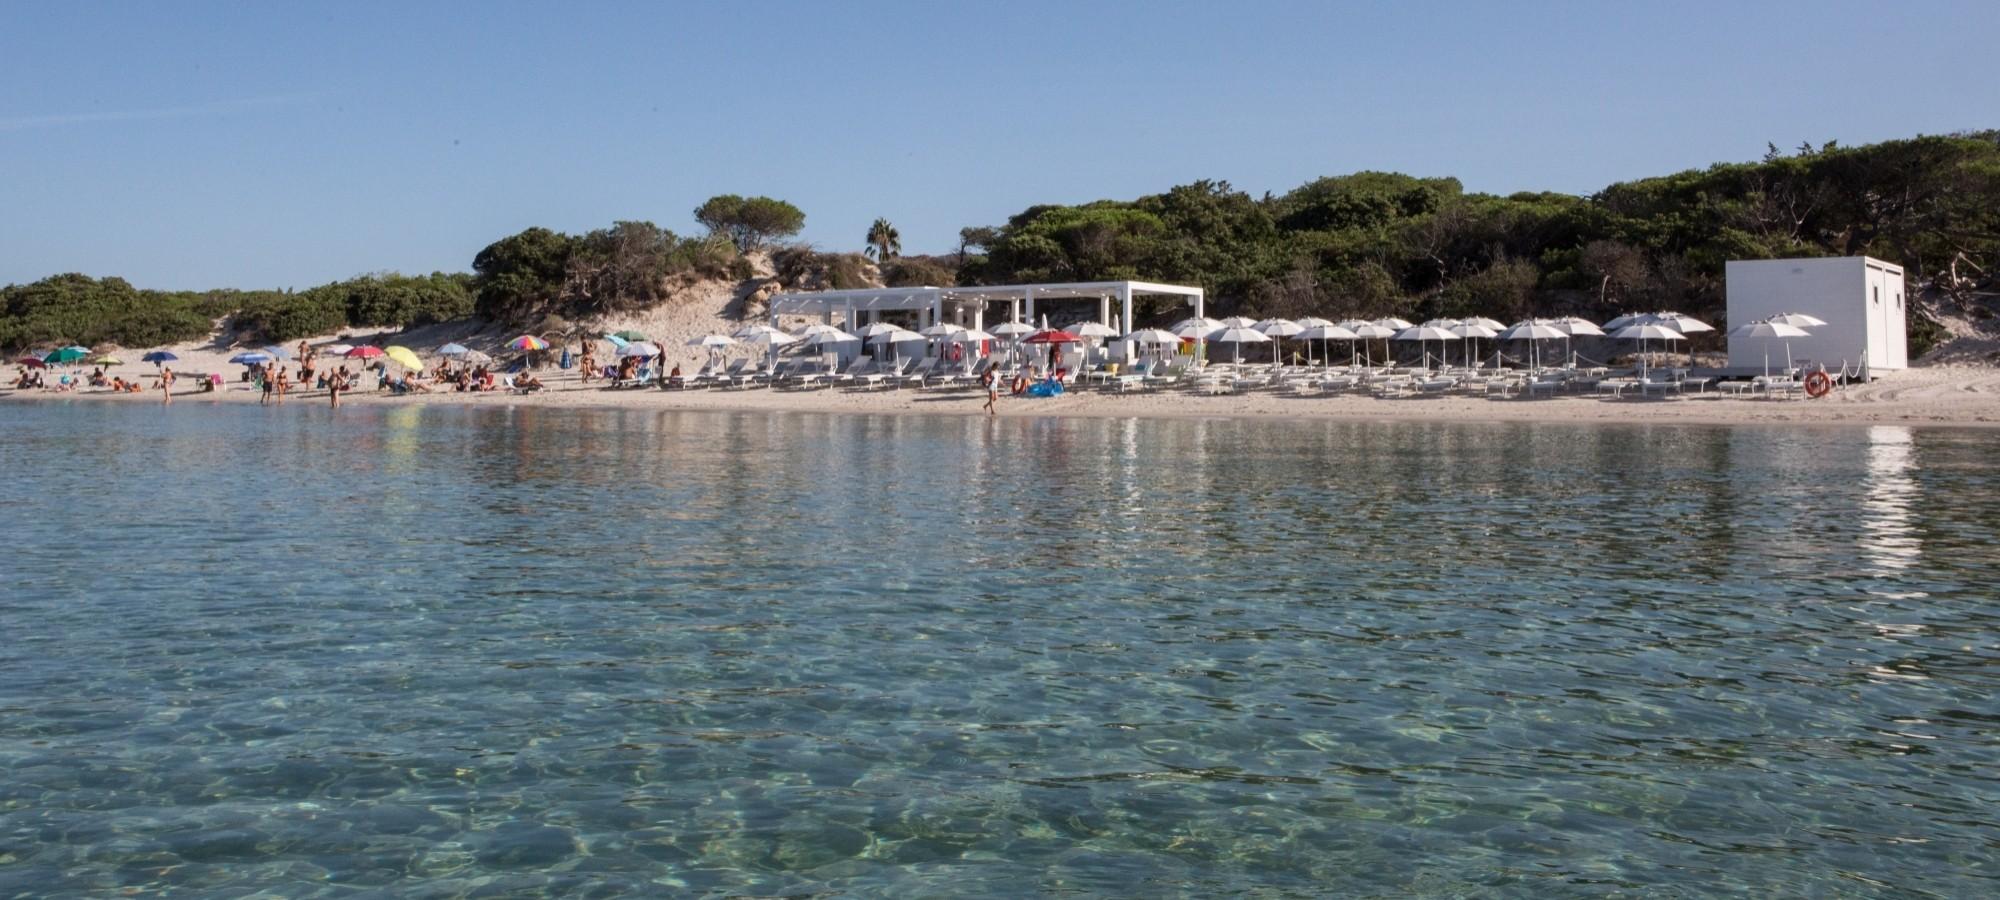 Stabilimento balneare Rosanna sulla Spiaggia di Maria Pia